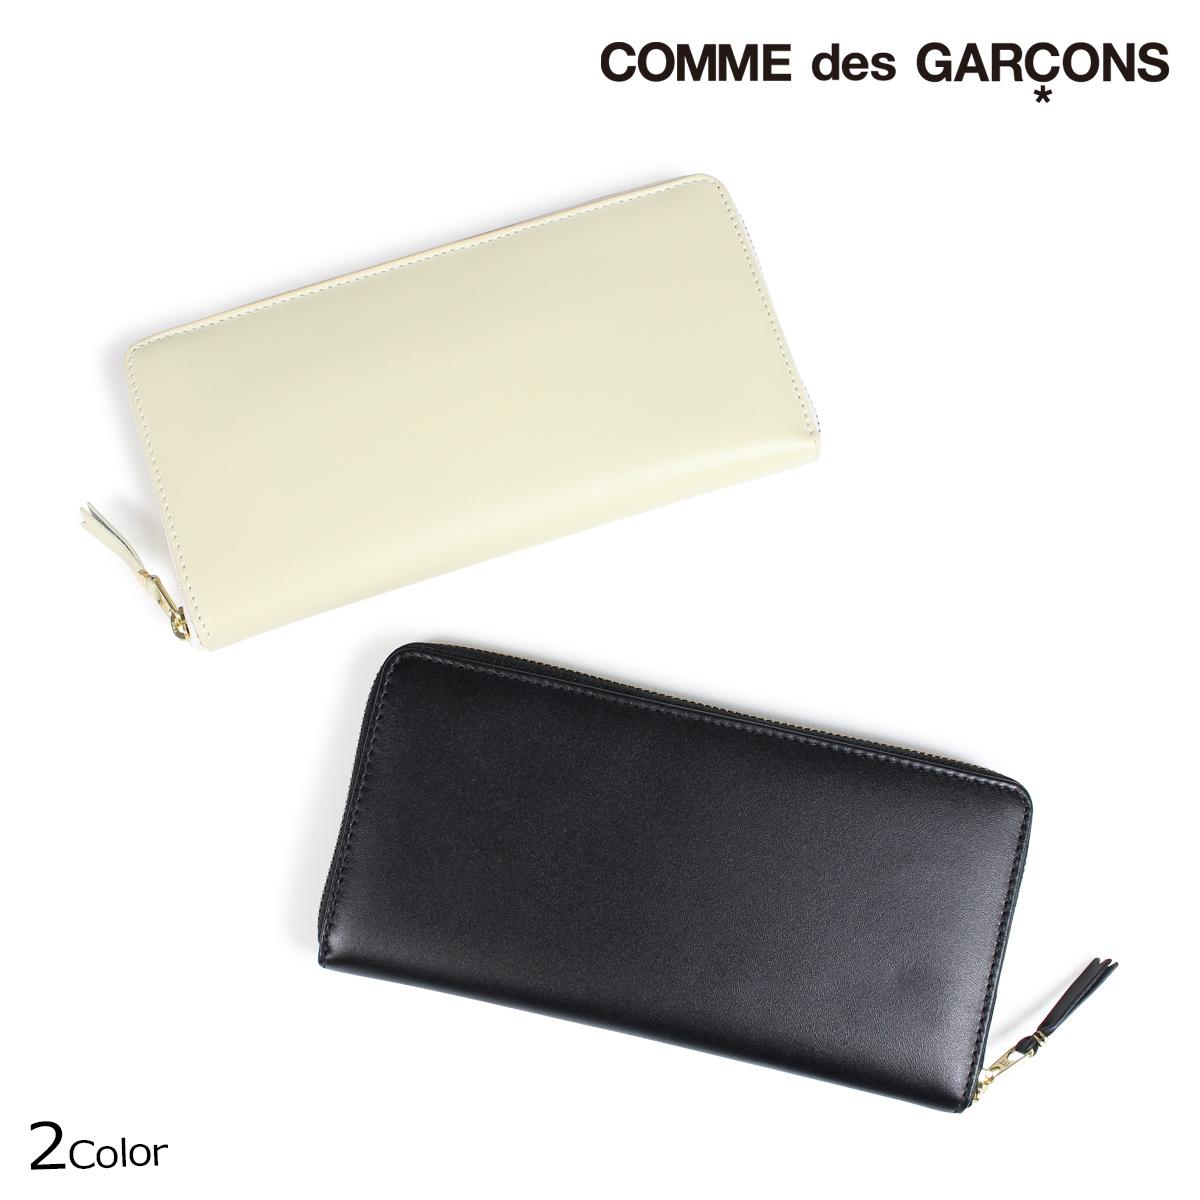 COMME des GARCONS コムデギャルソン 財布 長財布 メンズ レディース ラウンドファスナー ブラック オフ ホワイト SA0110